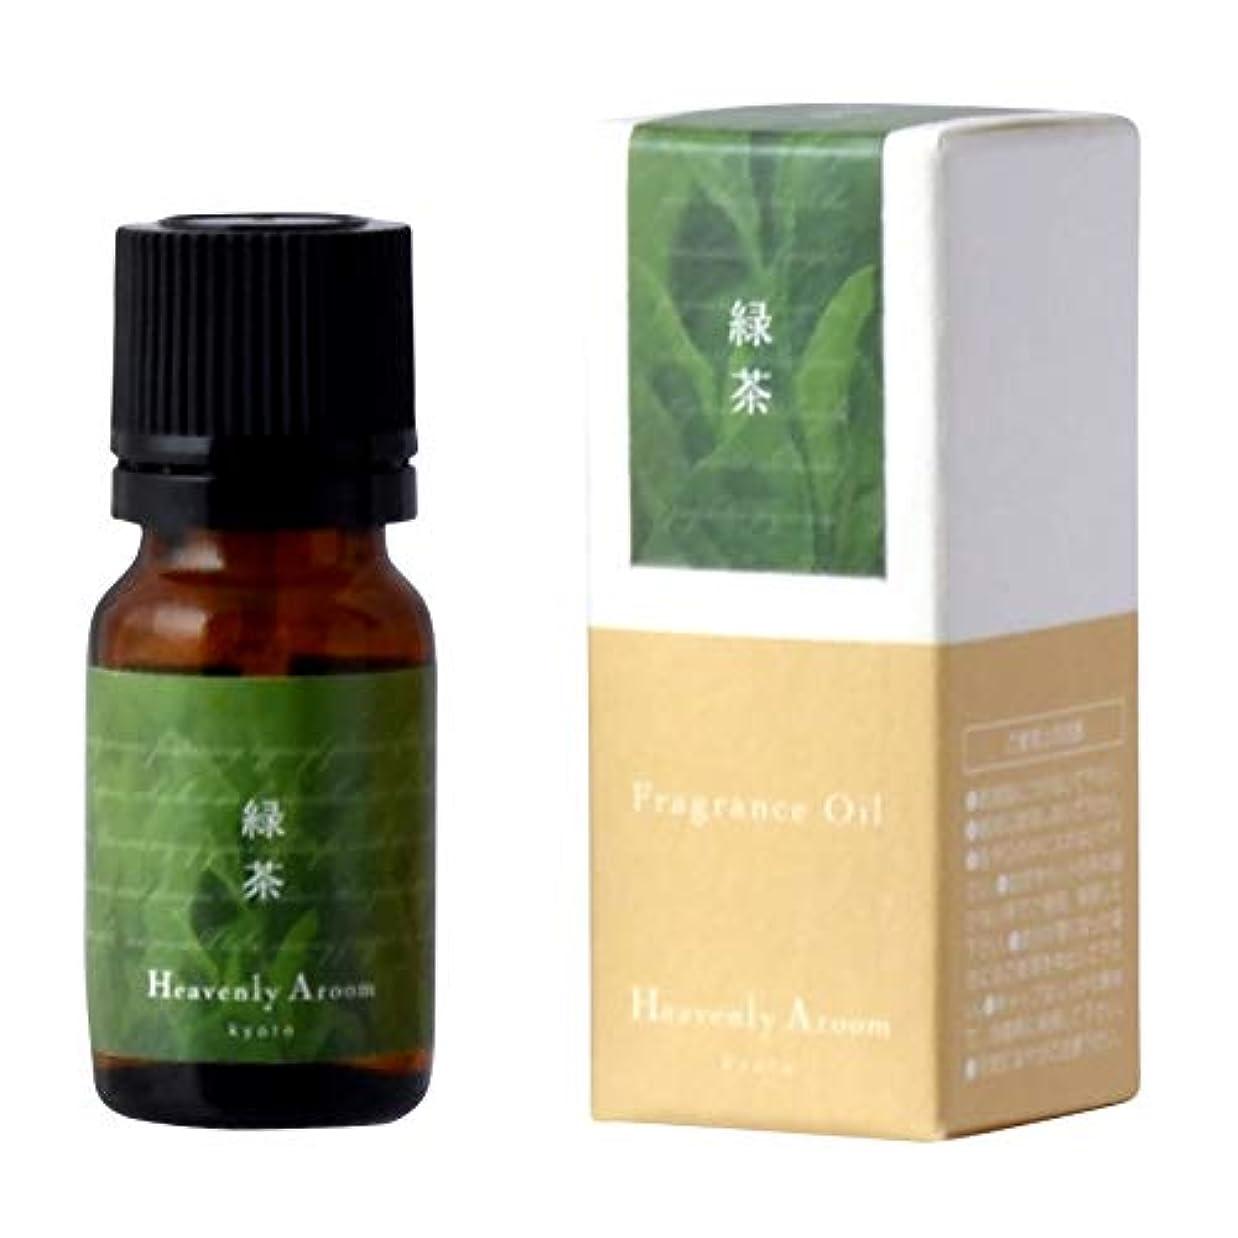 化学者宣教師アクセントHeavenly Aroom フレグランスオイル 緑茶 10ml